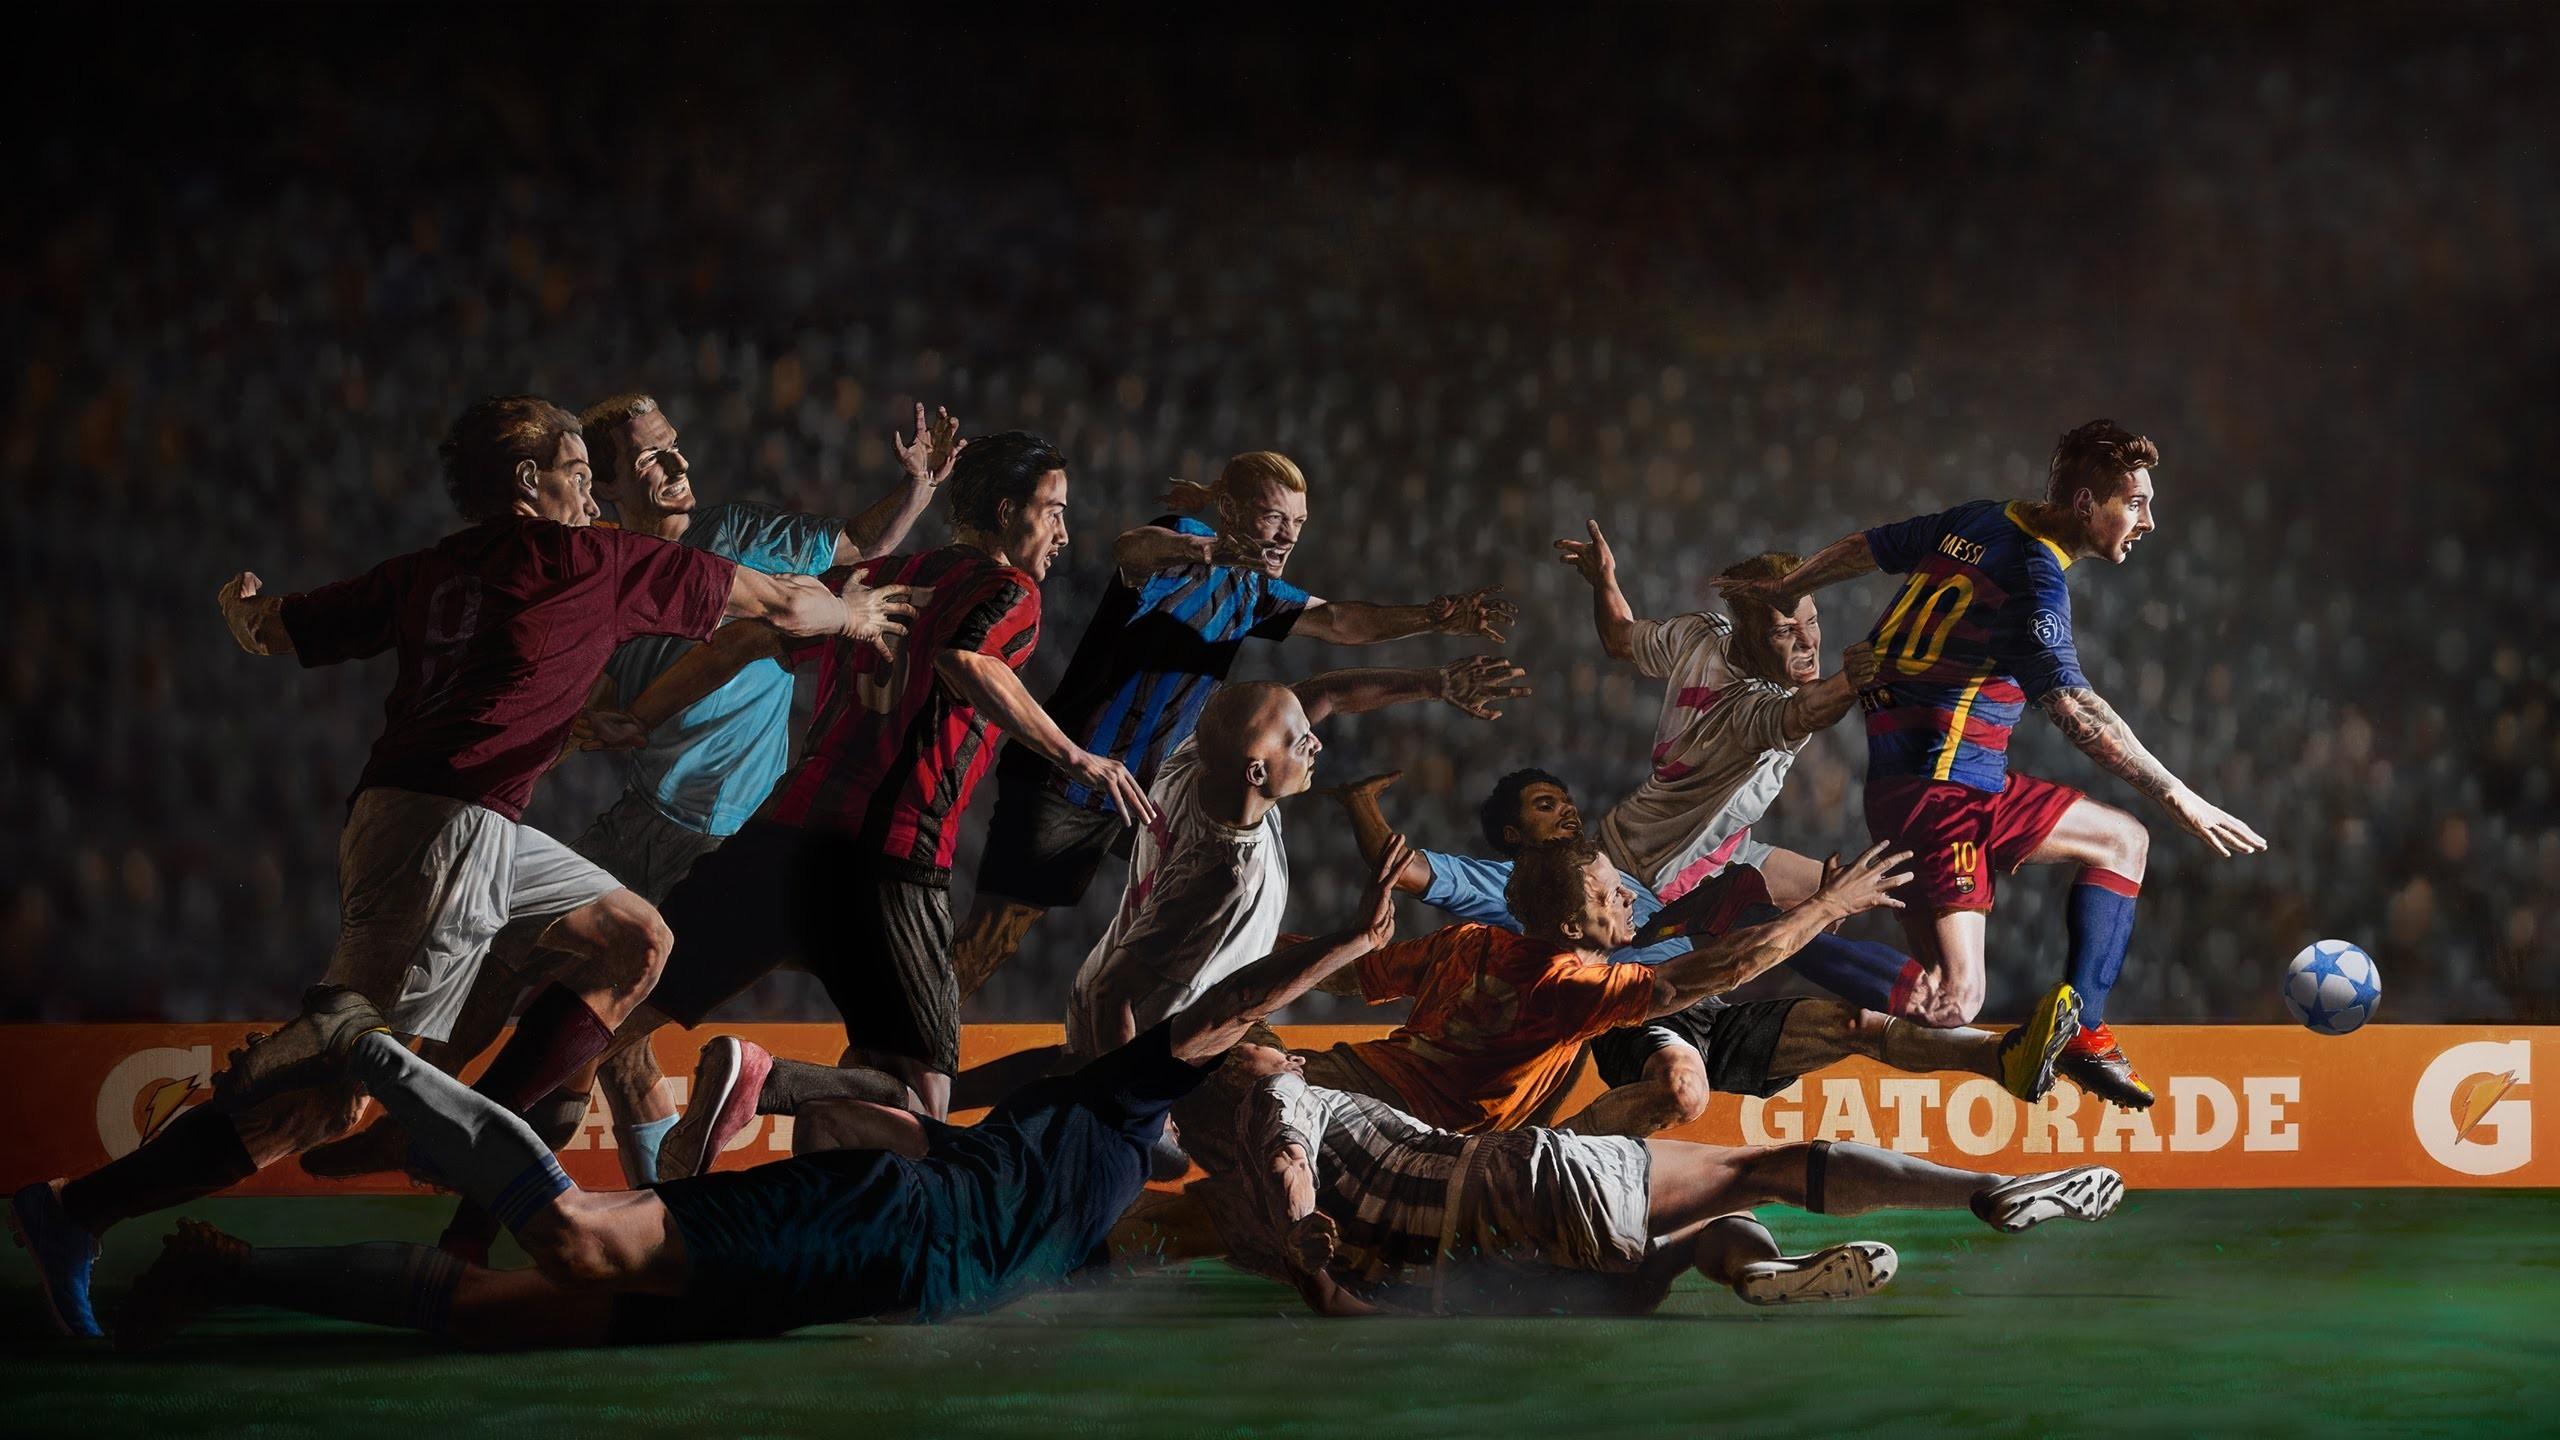 Картинки Барселоны футбола - самые прикольные и красивые 9